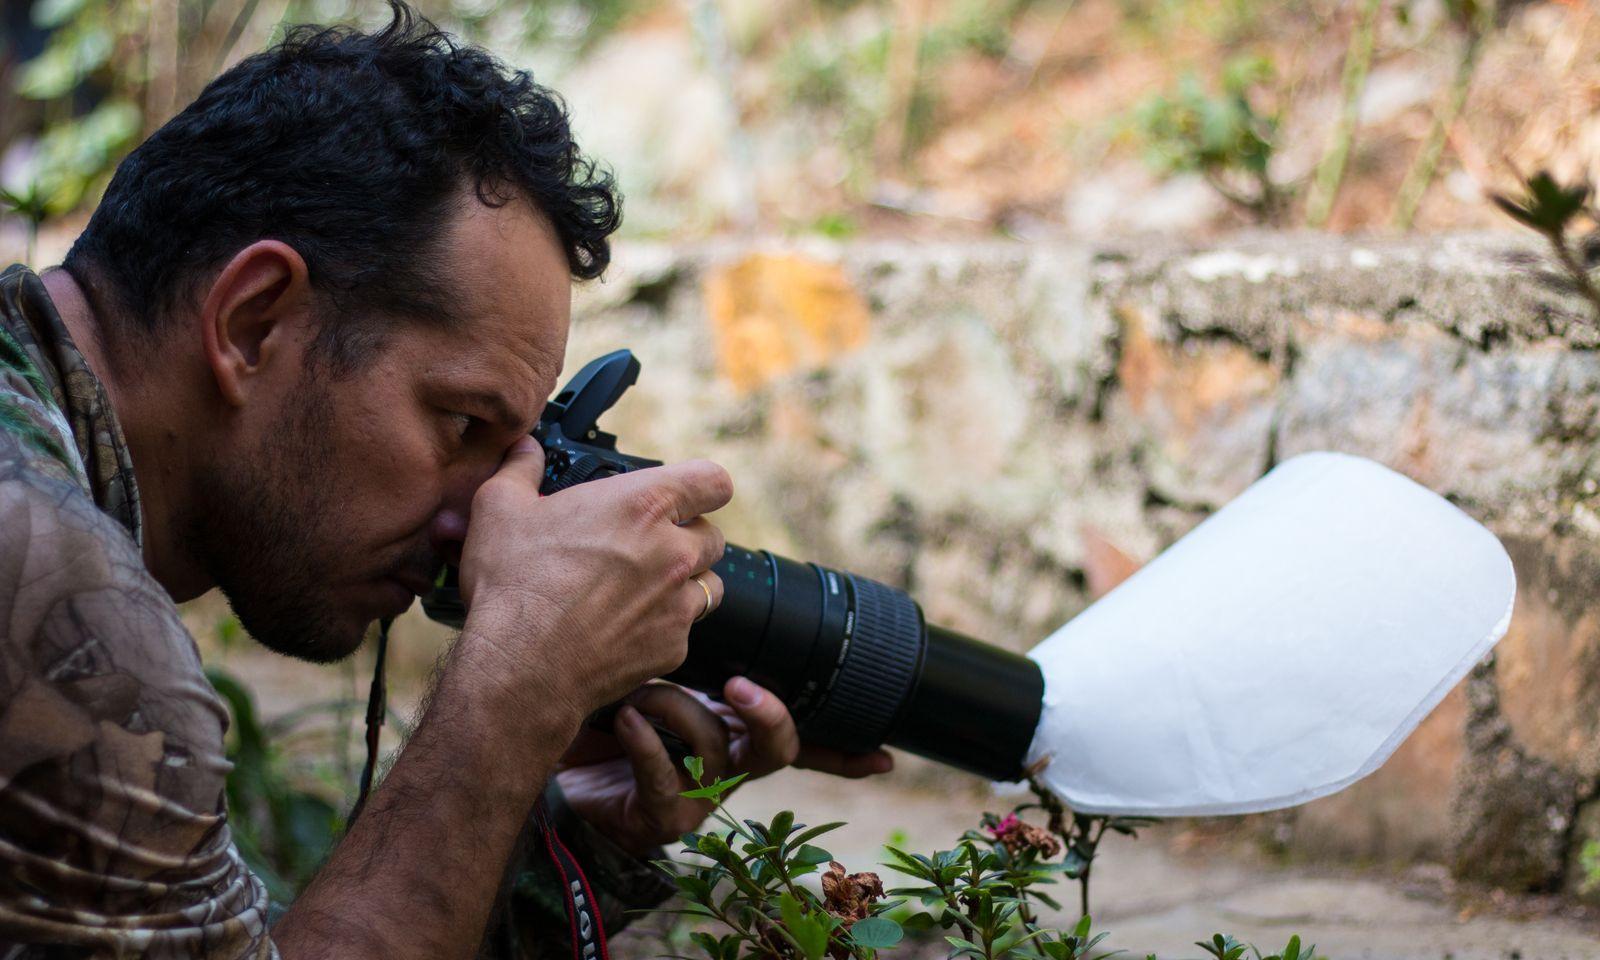 Fotografia de insectos en el jardín